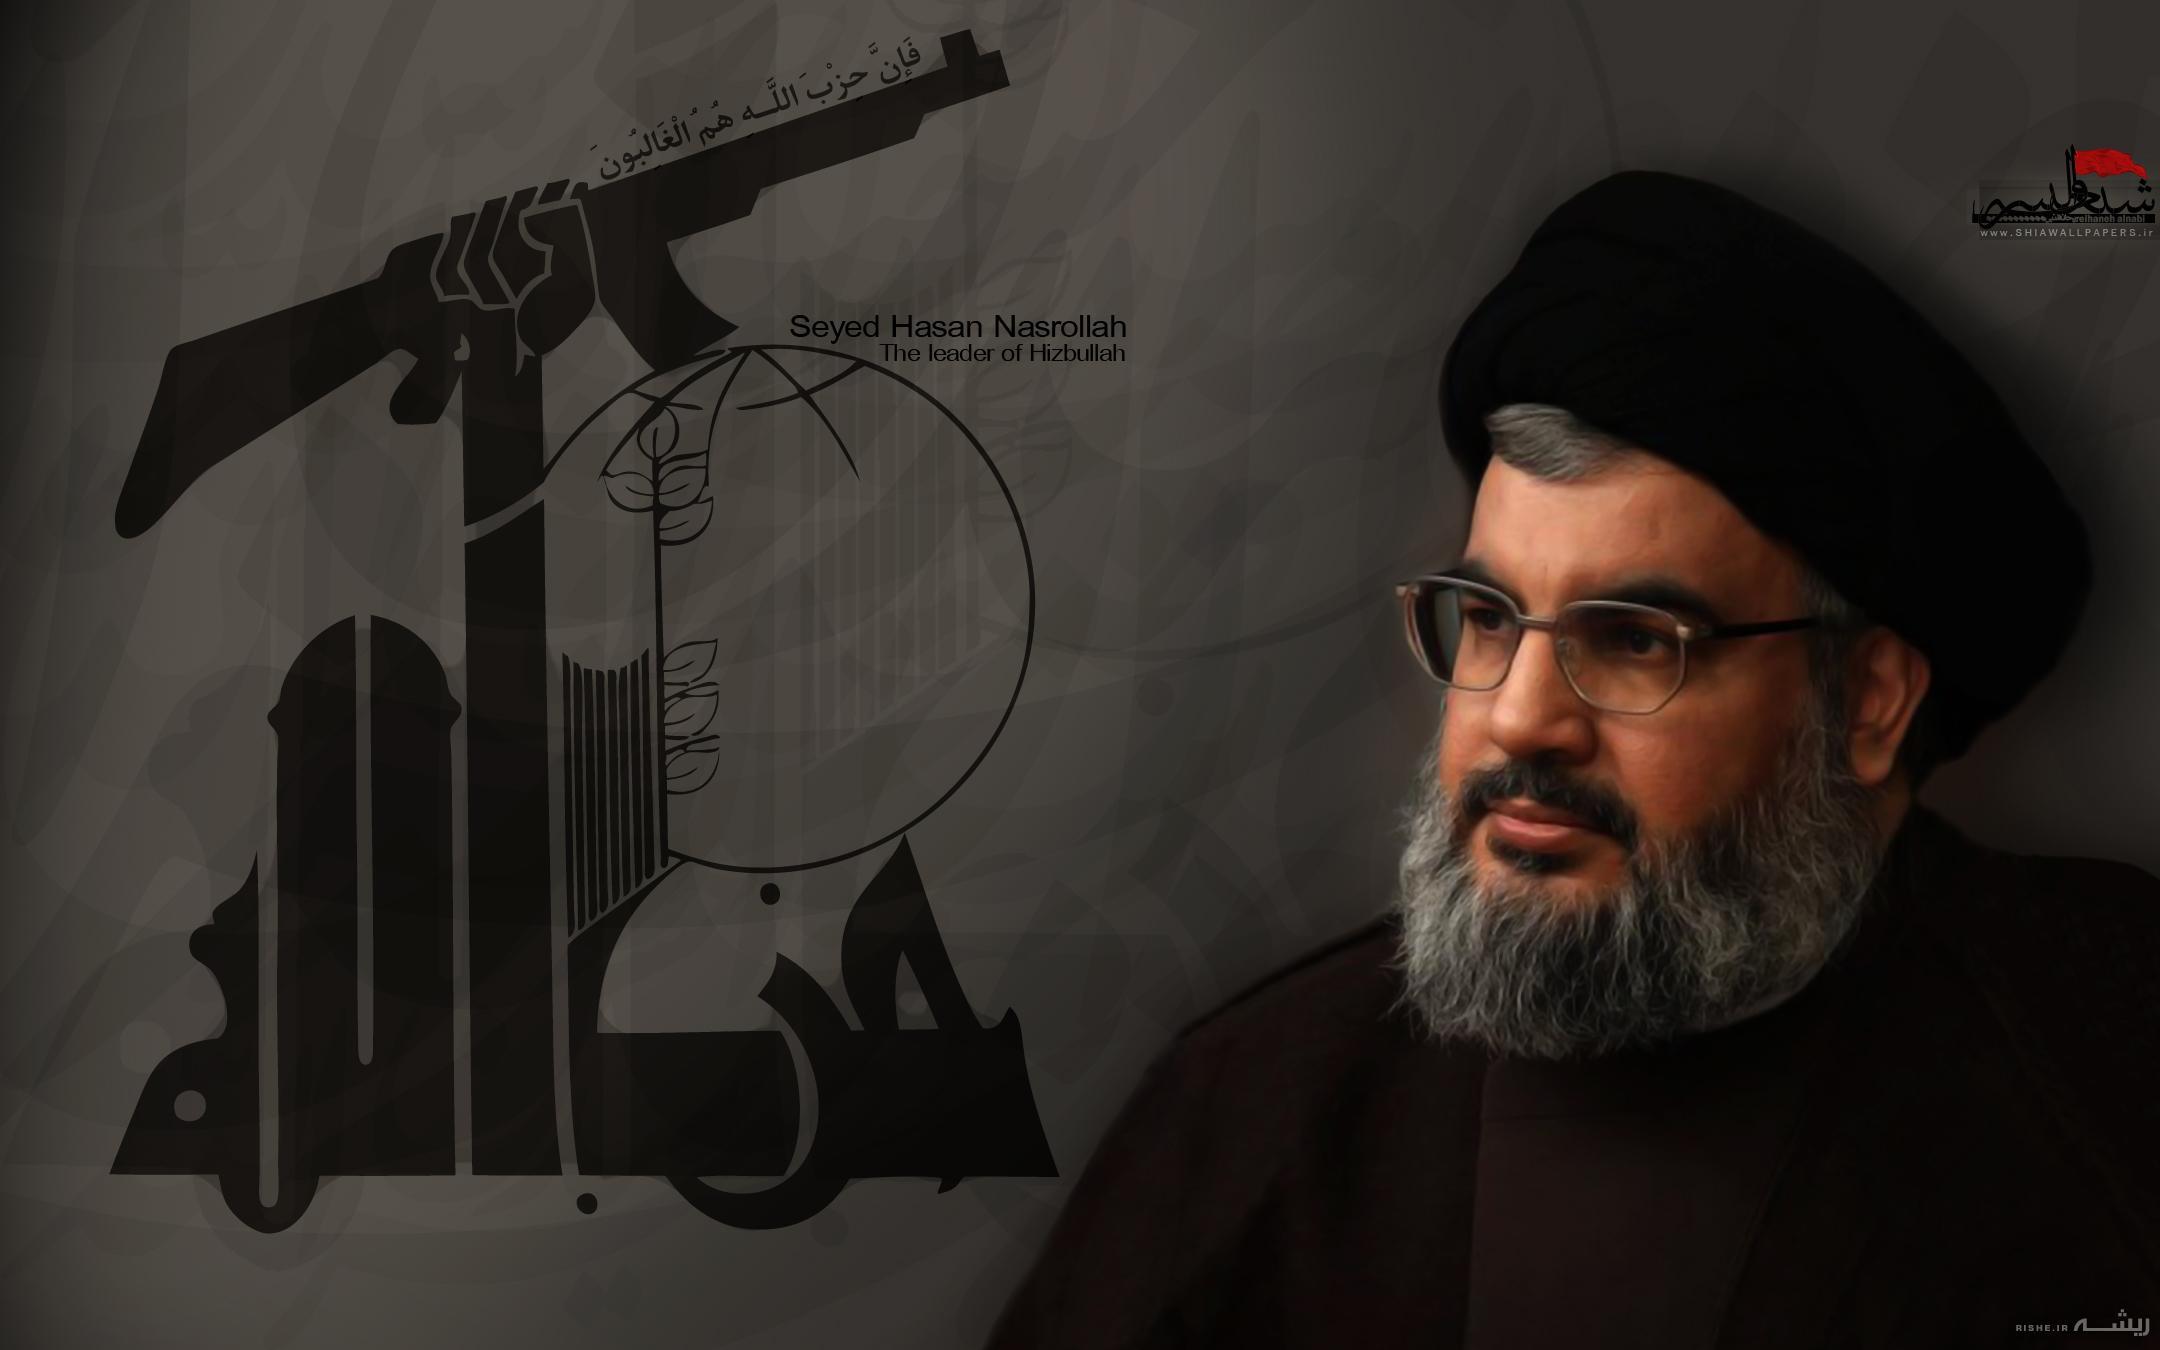 تاثیر معنوی آیتالله بهجت بر حزبالله لبنان